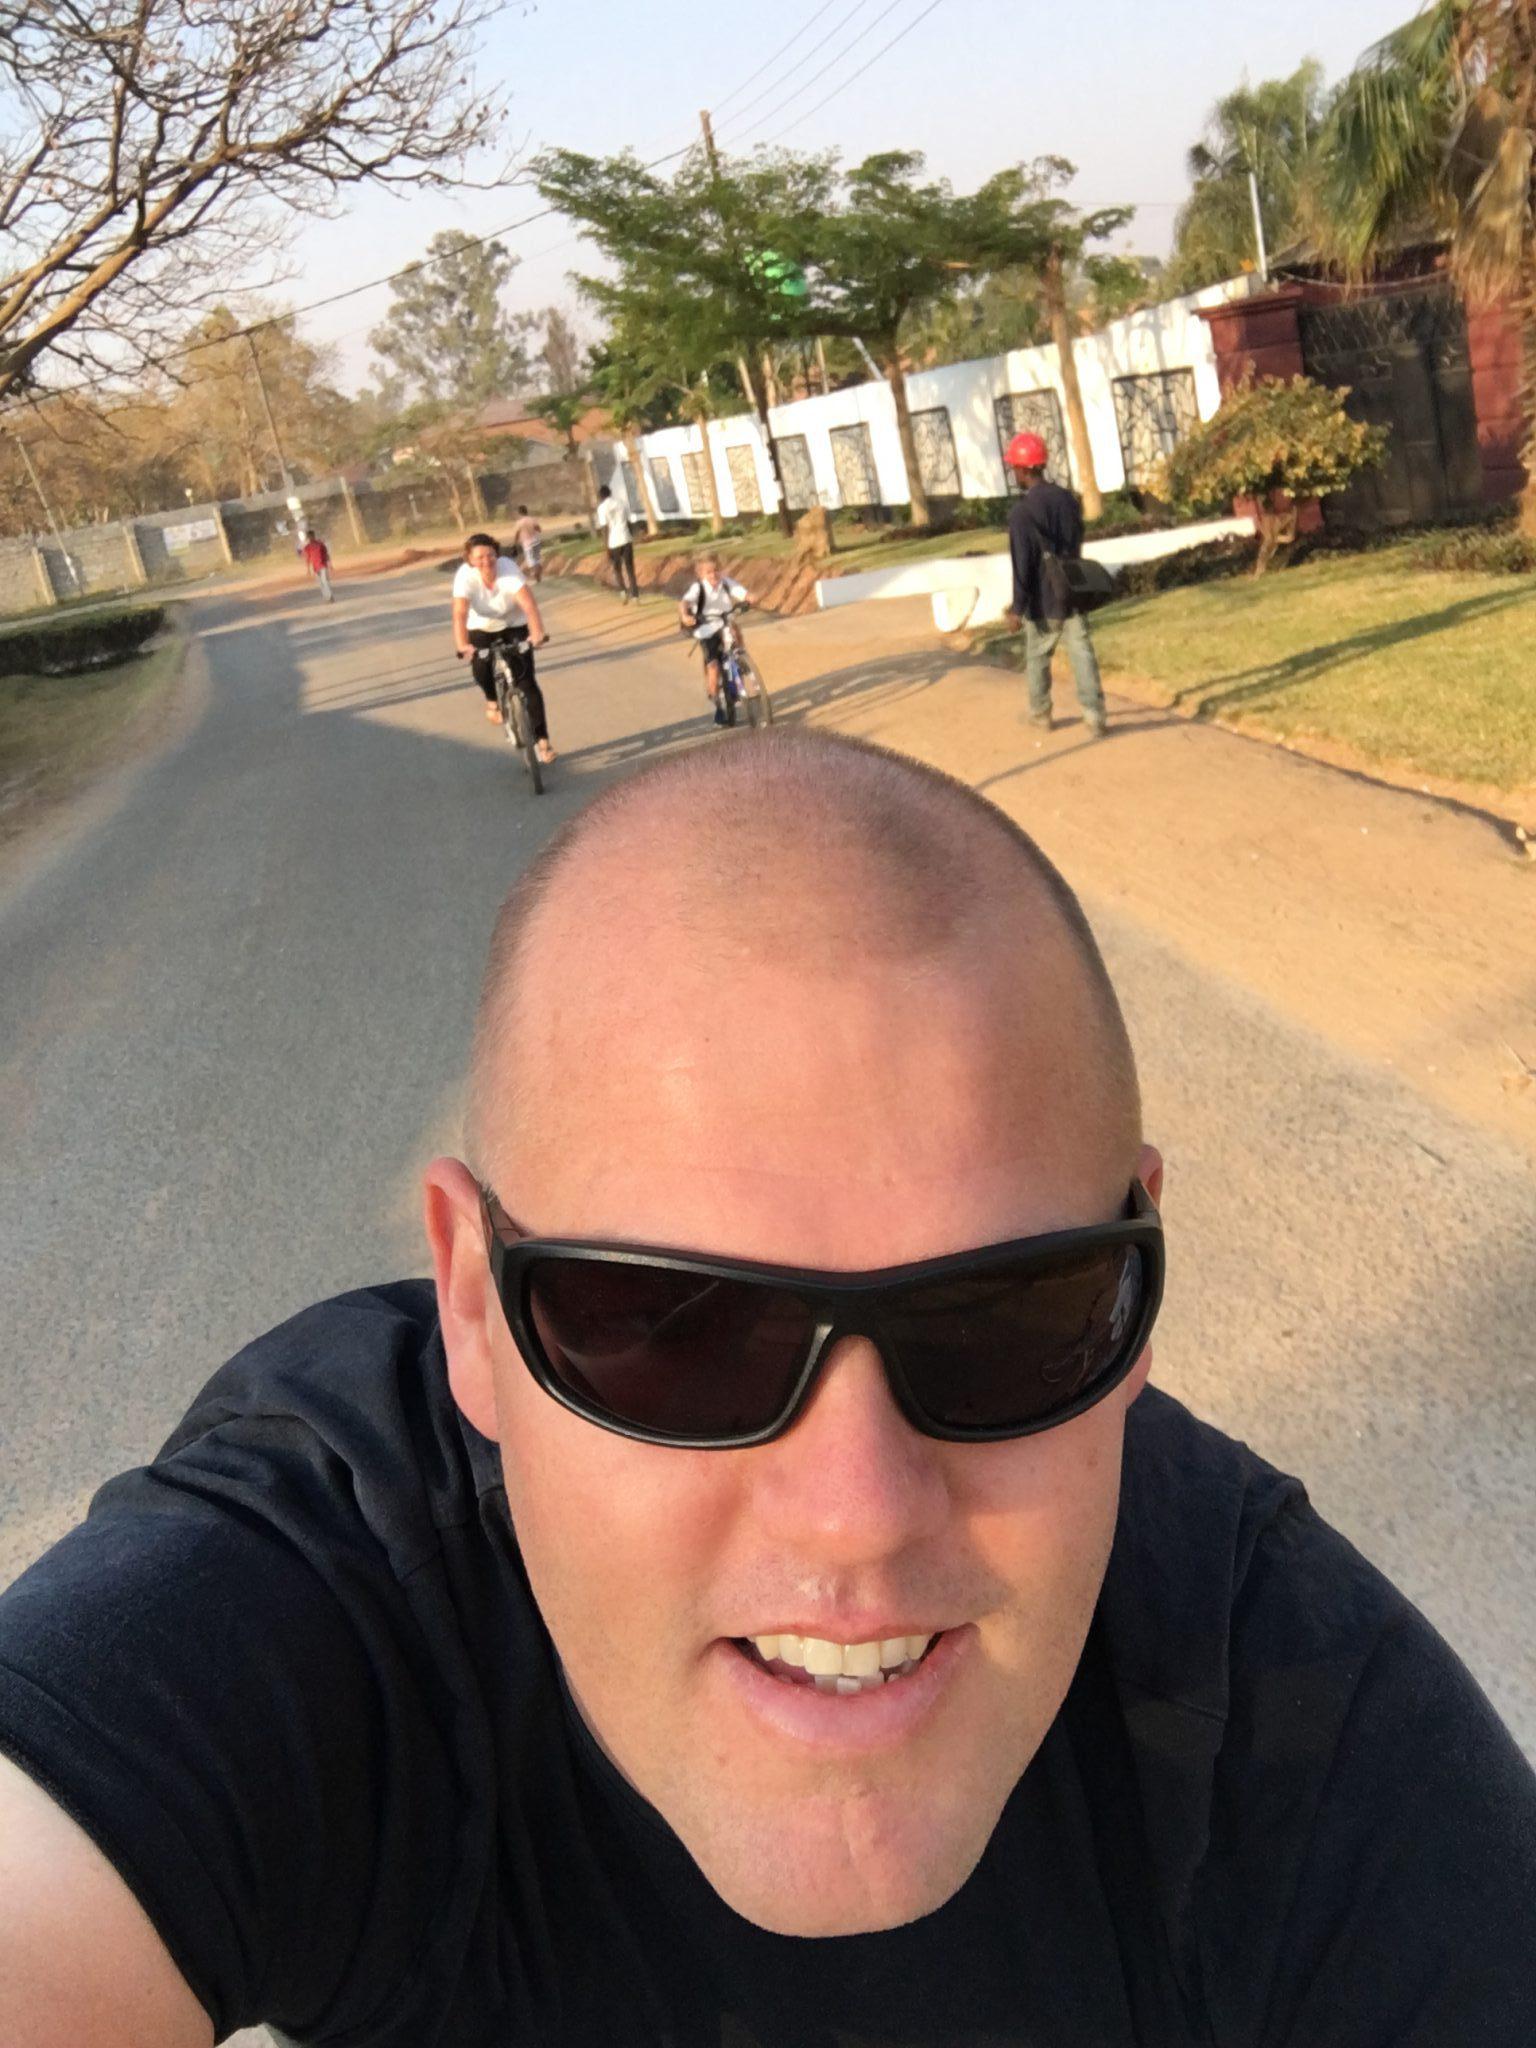 Met fiets naar school in Zambia